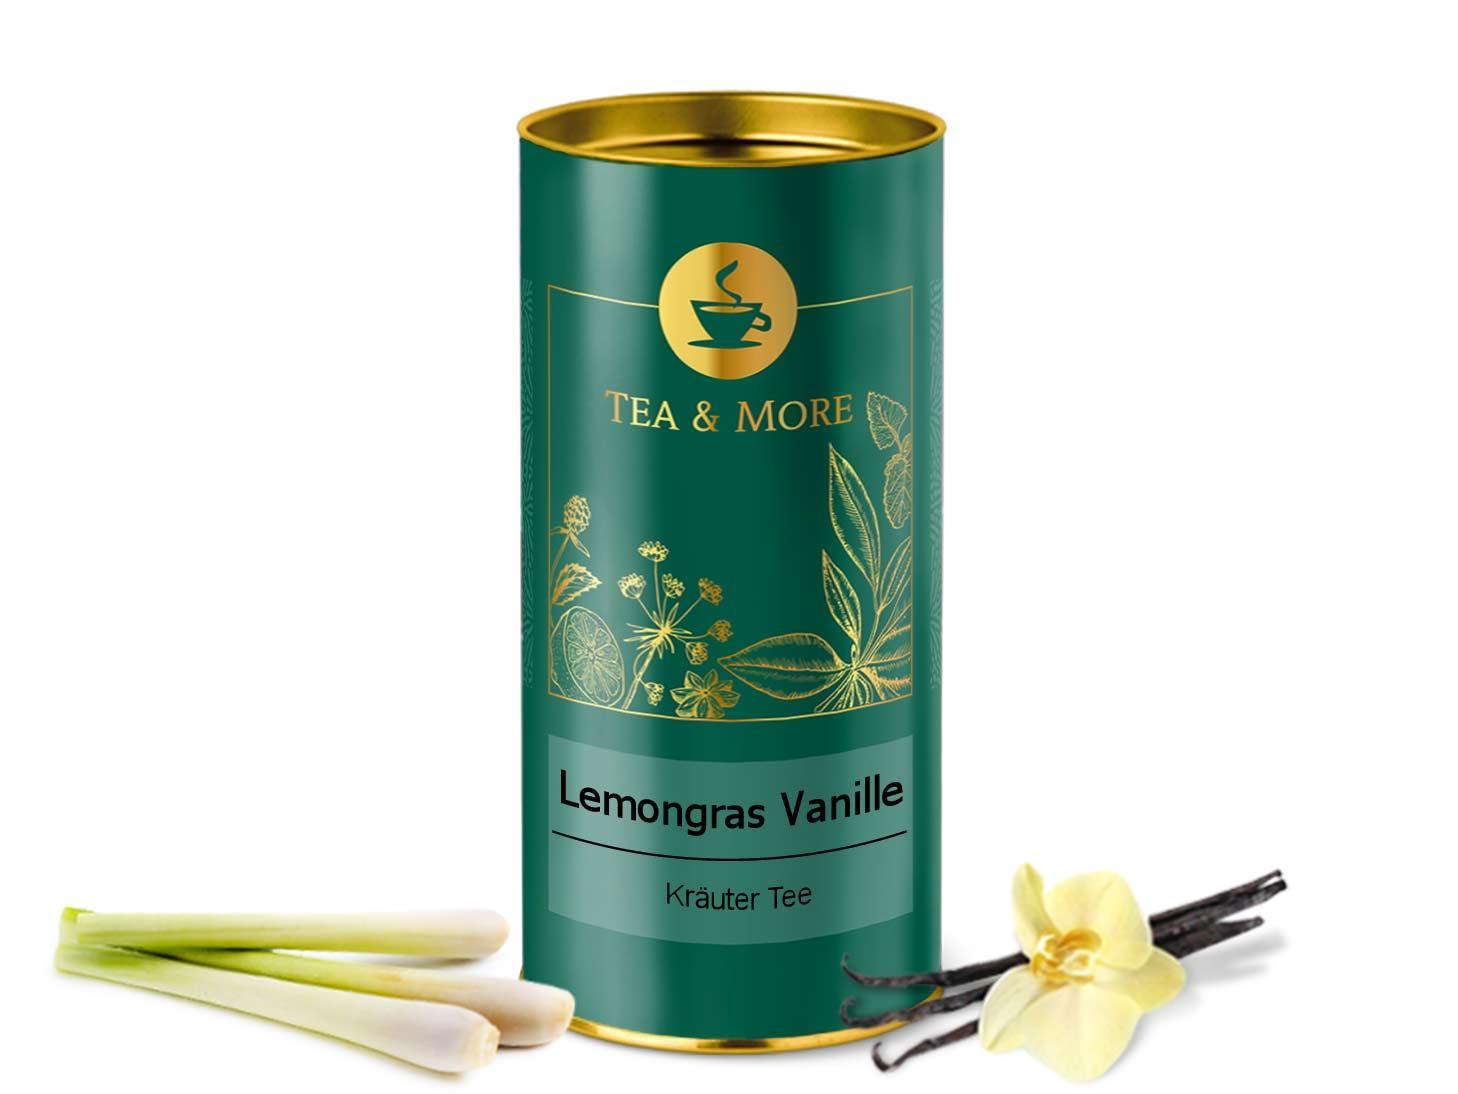 Lemongras & Vanille